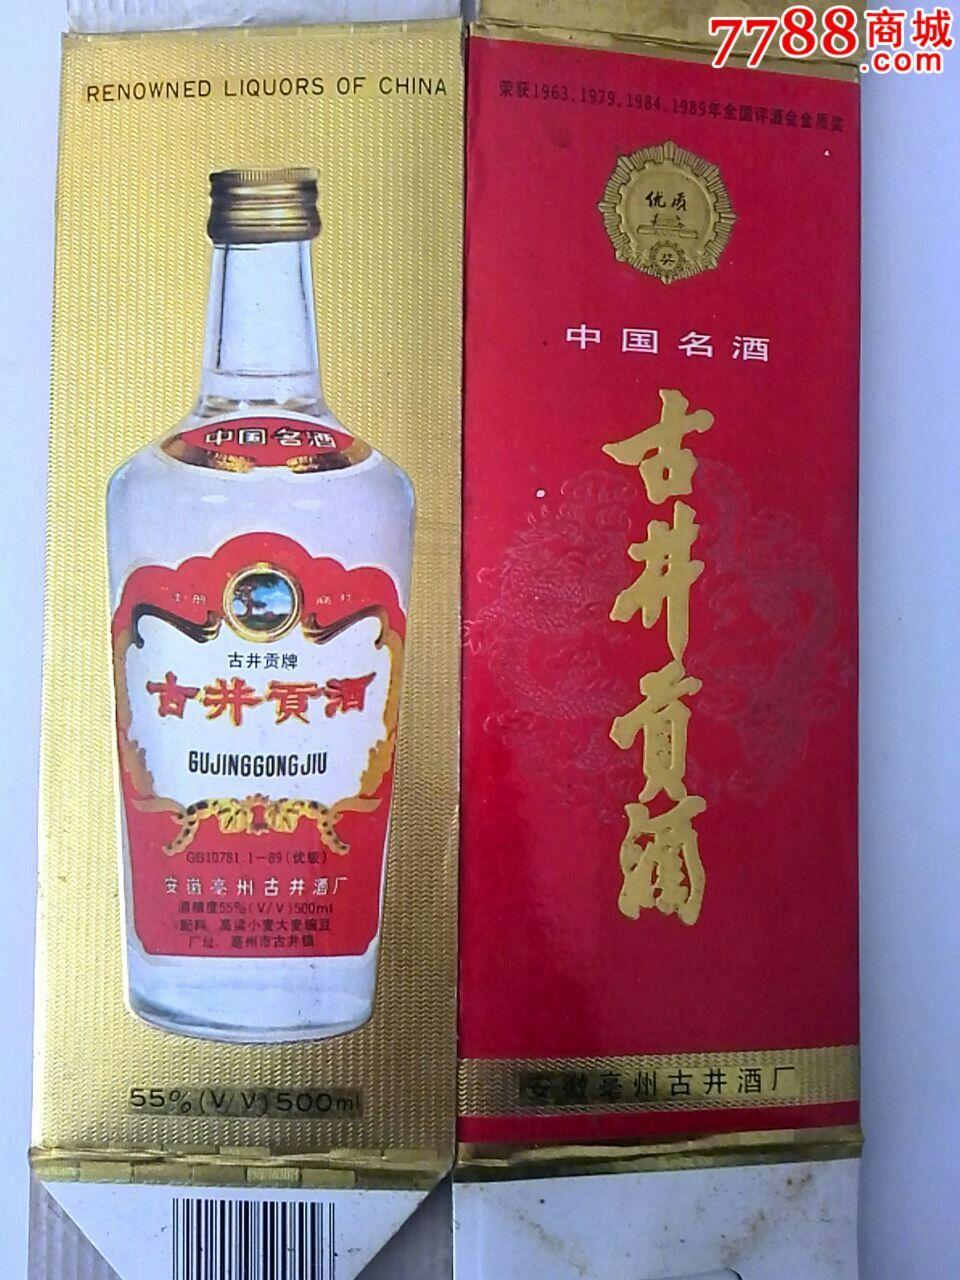 茶室古井酒盒包装设计展开图日本贡酒院落设计图图片